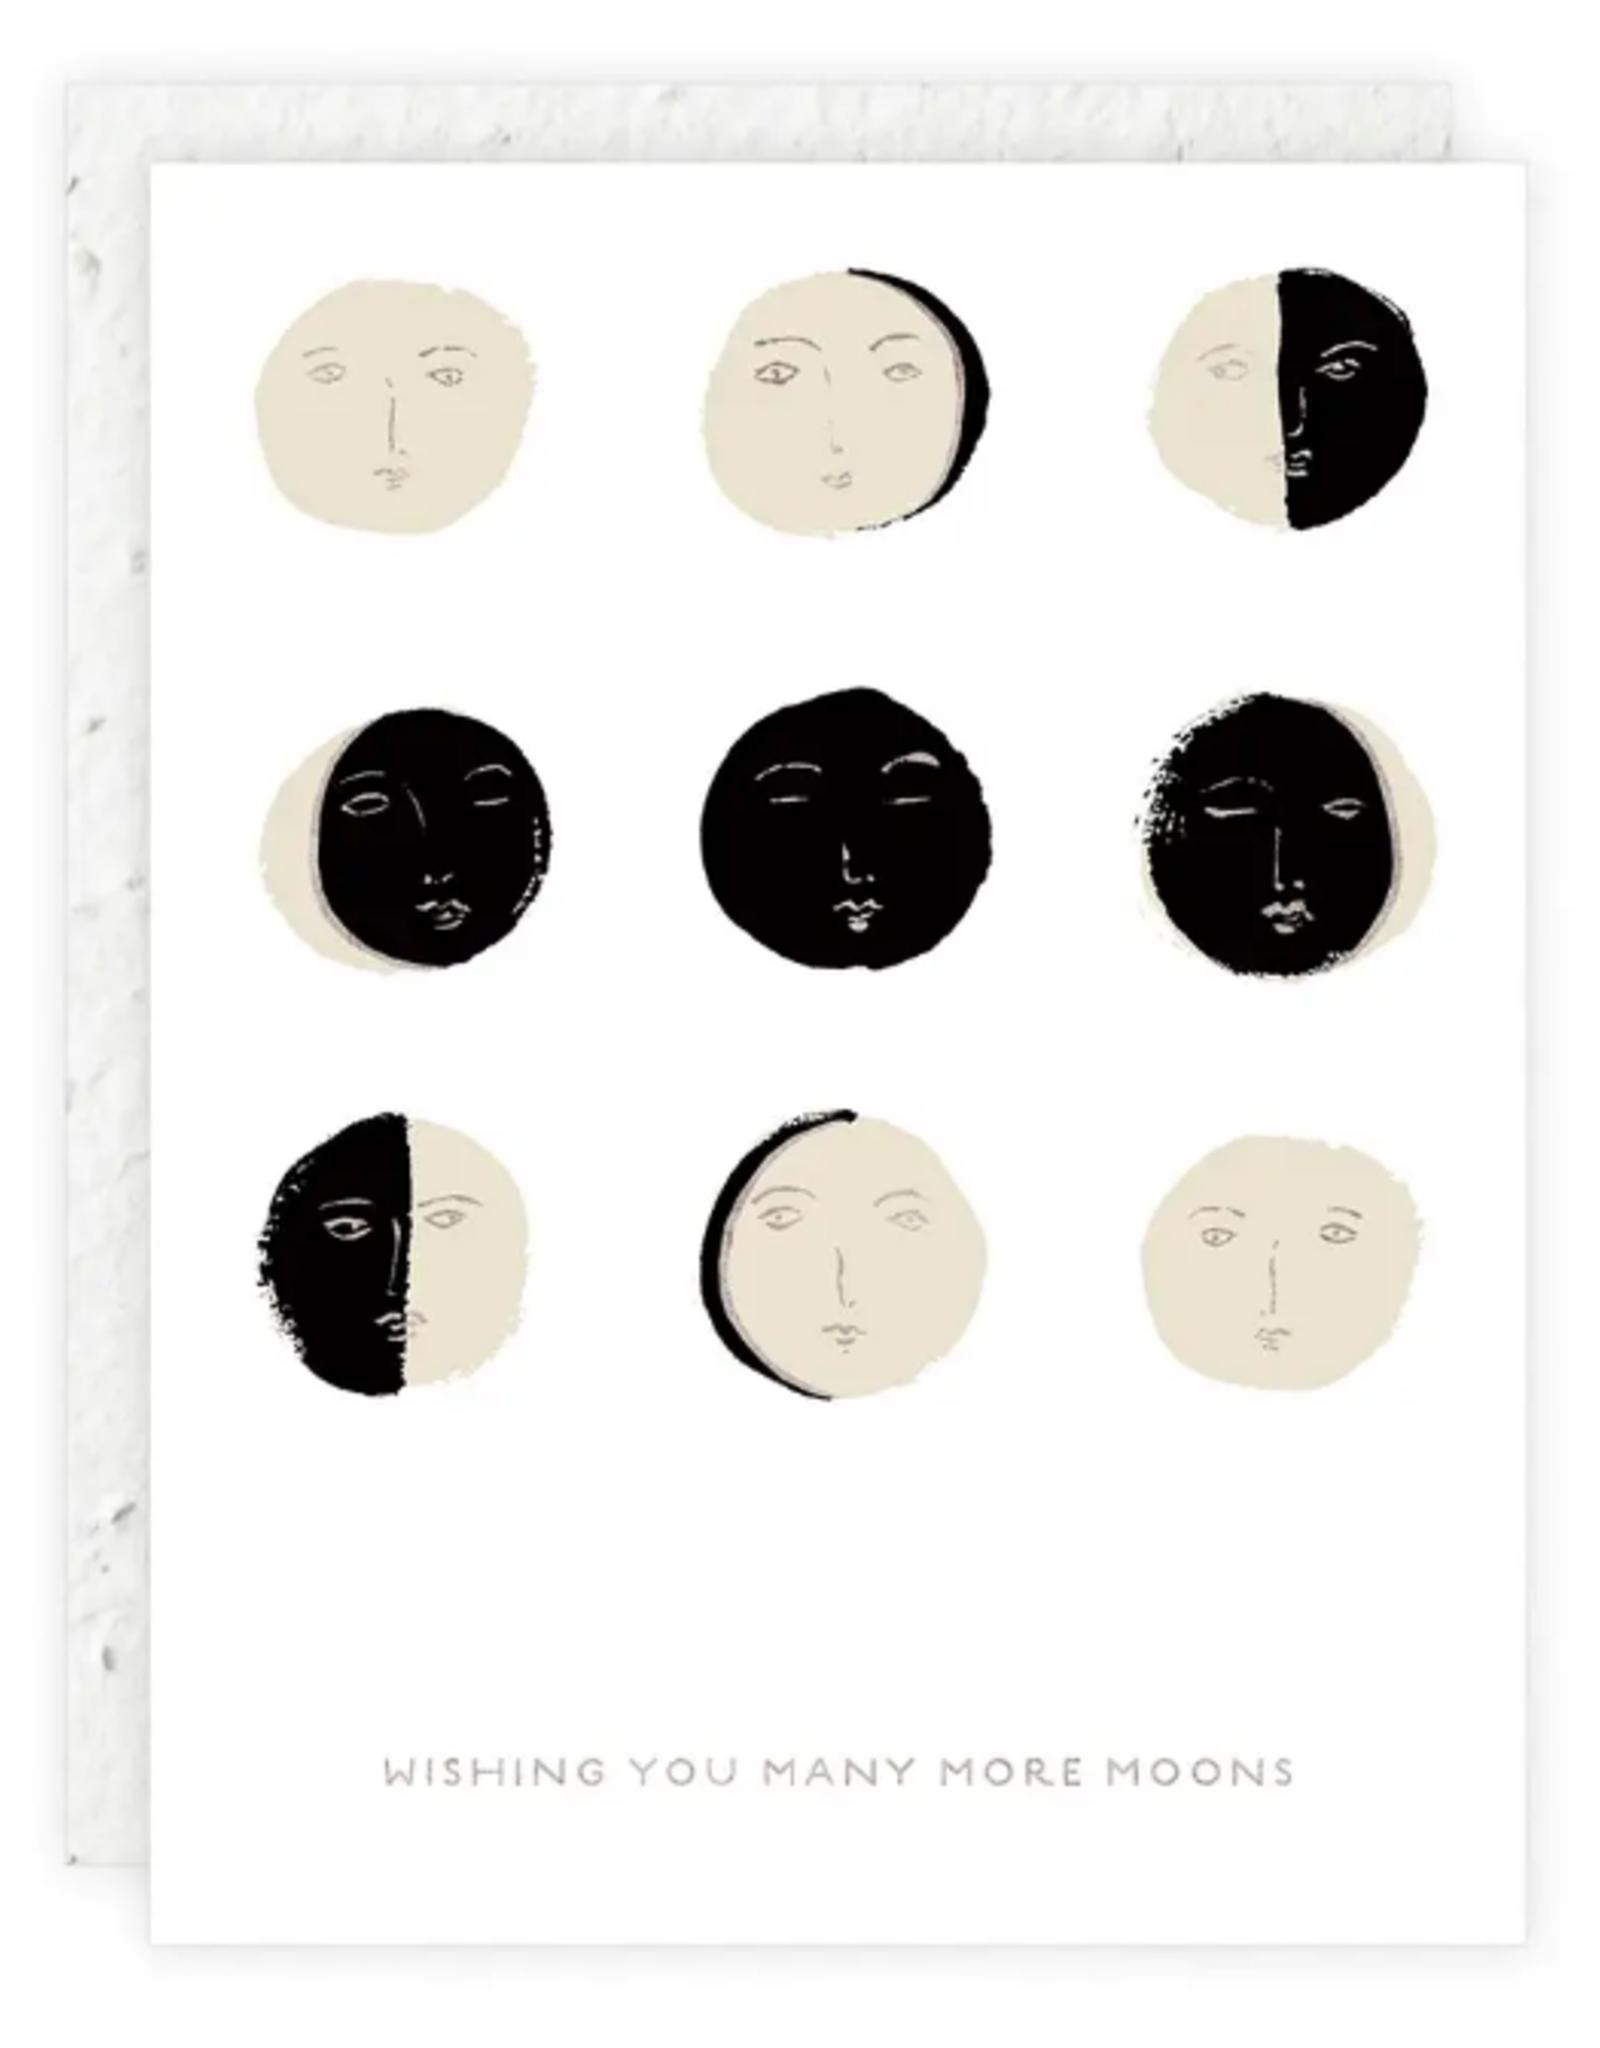 Many Moons Card